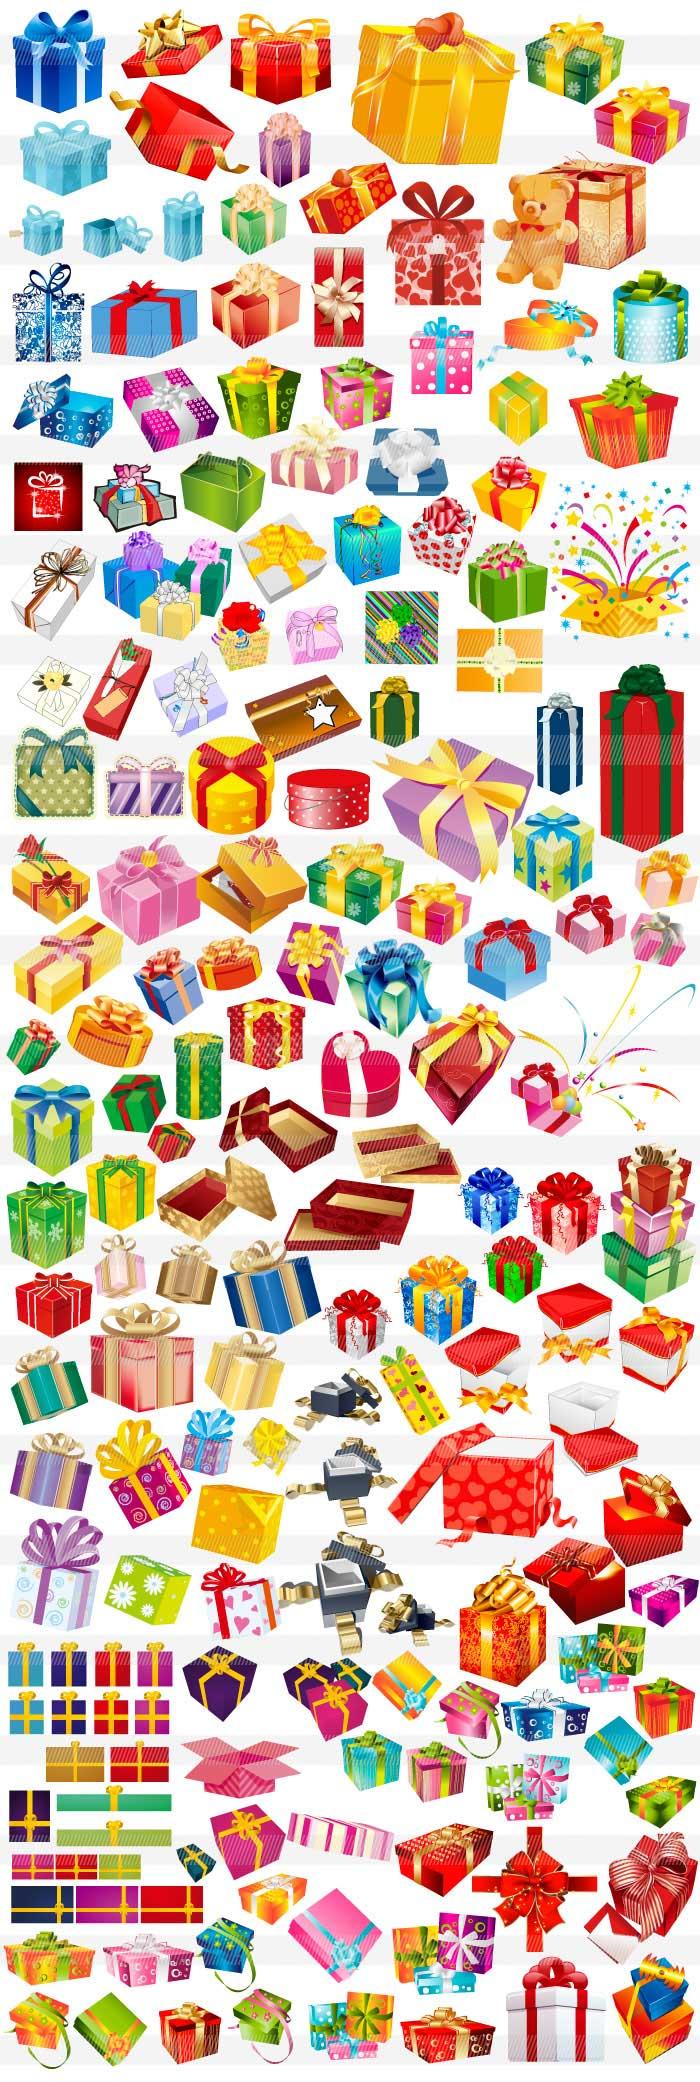 プレゼント箱のイラスト